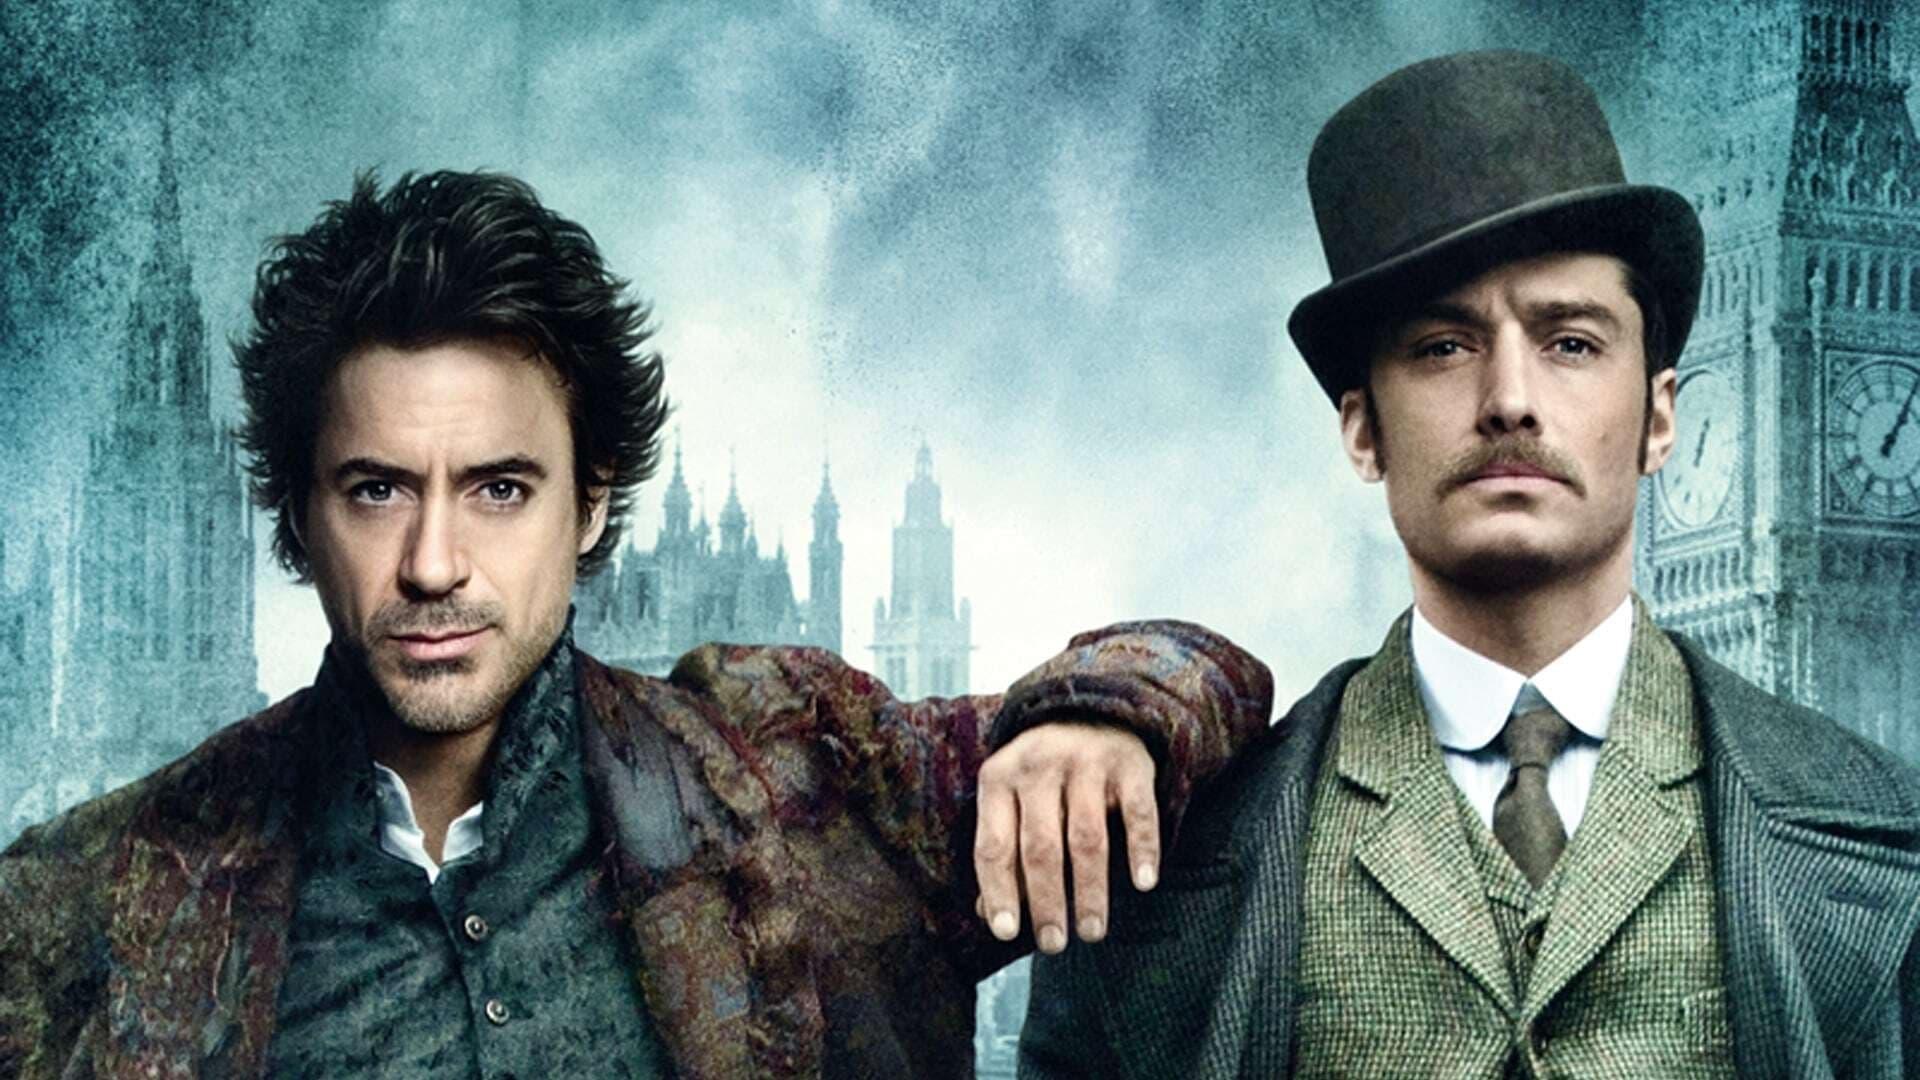 Sherlock Holmes 3 rafa kaldırıldı